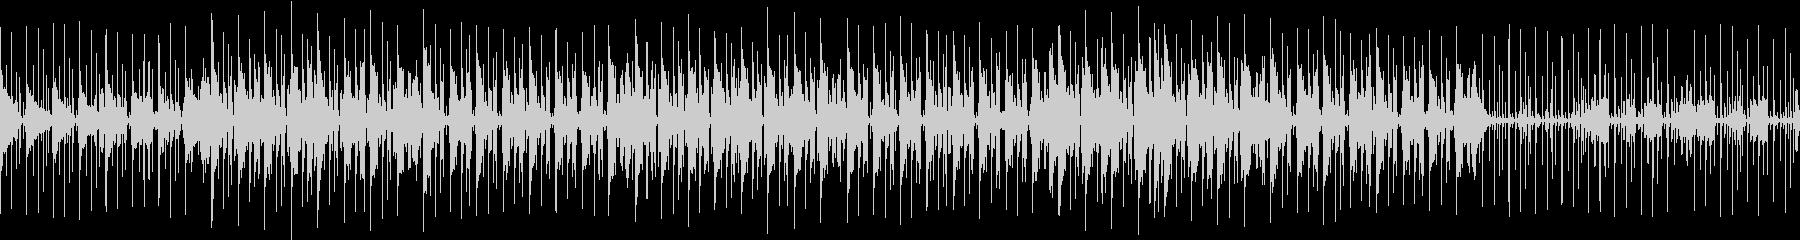 スロウジャズ:お酒のシーンに合う曲_3の未再生の波形